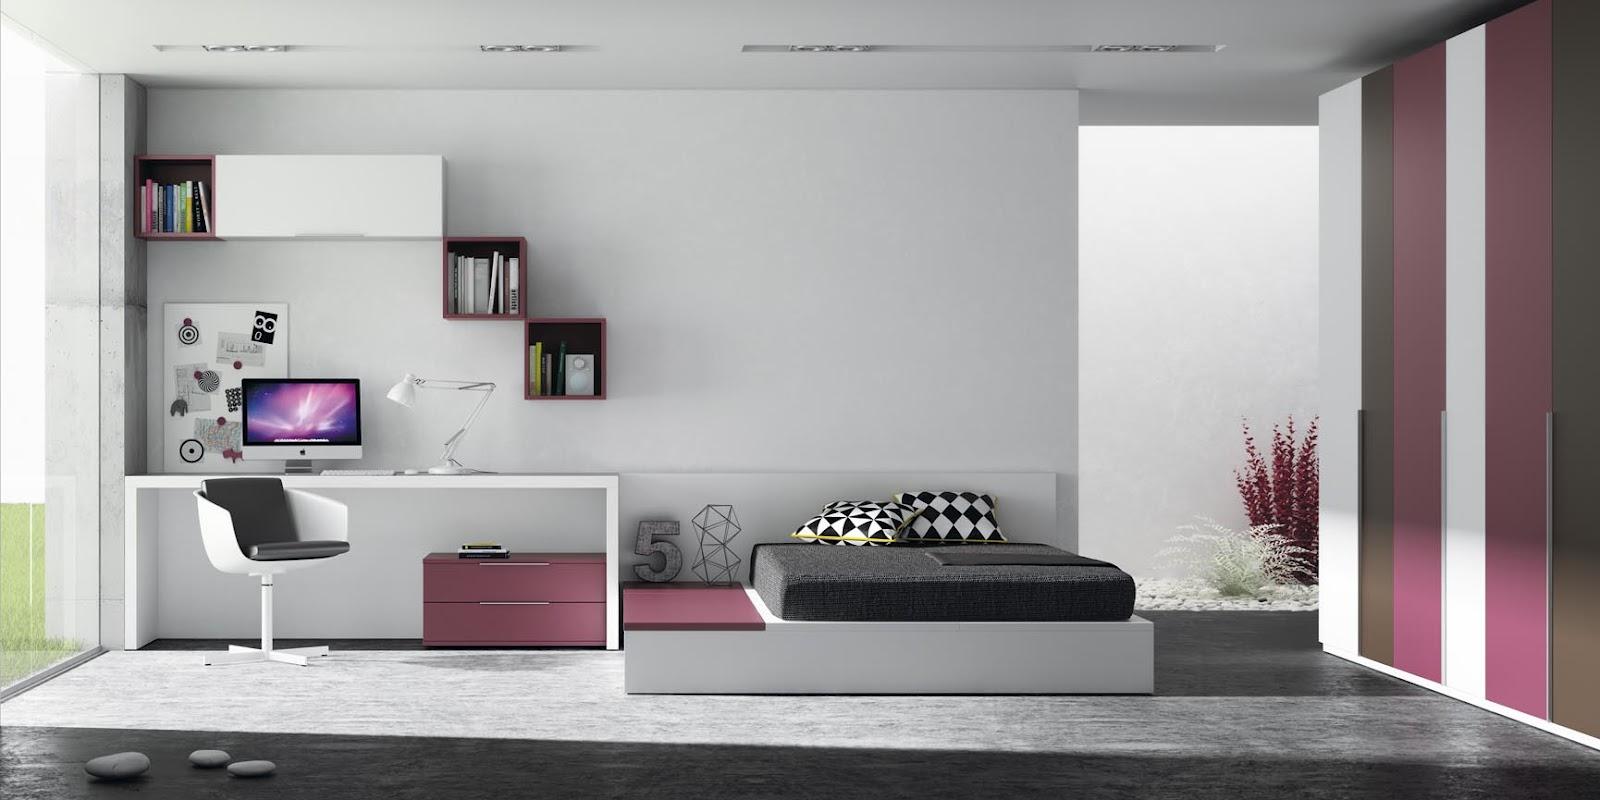 Dormitorios juveniles para adolescentes de 12 a os 13 a os for Recamaras juveniles modernas